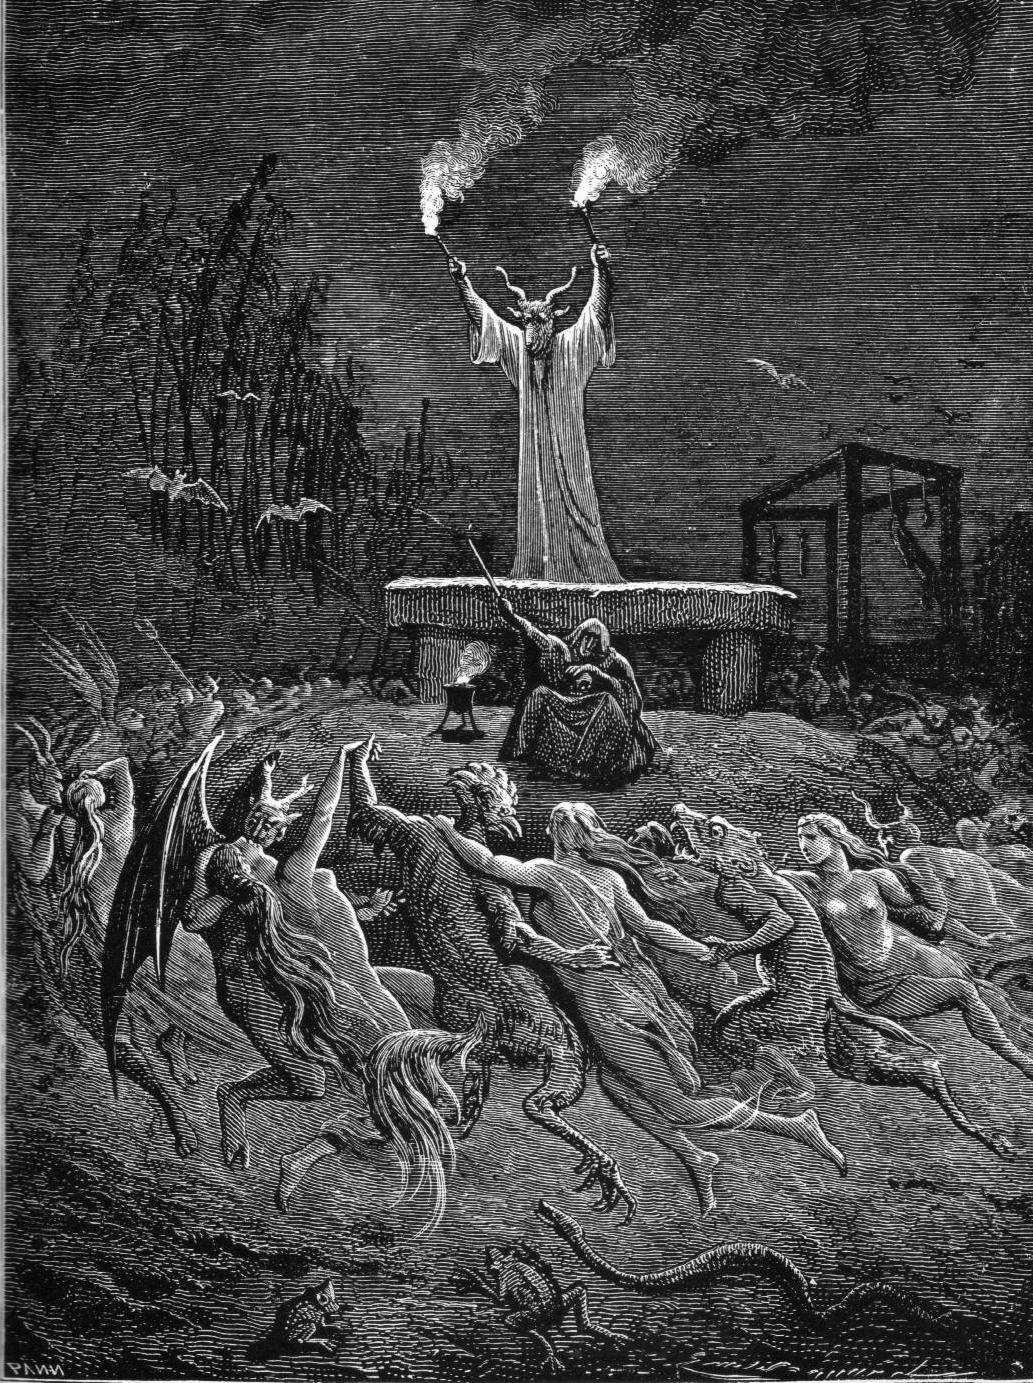 Grabado en madera de Gustavo Doré que ilustra el juicio a una bruja de Salem, Massachussets, en el siglo XVII, por usar planas alucinógenas.